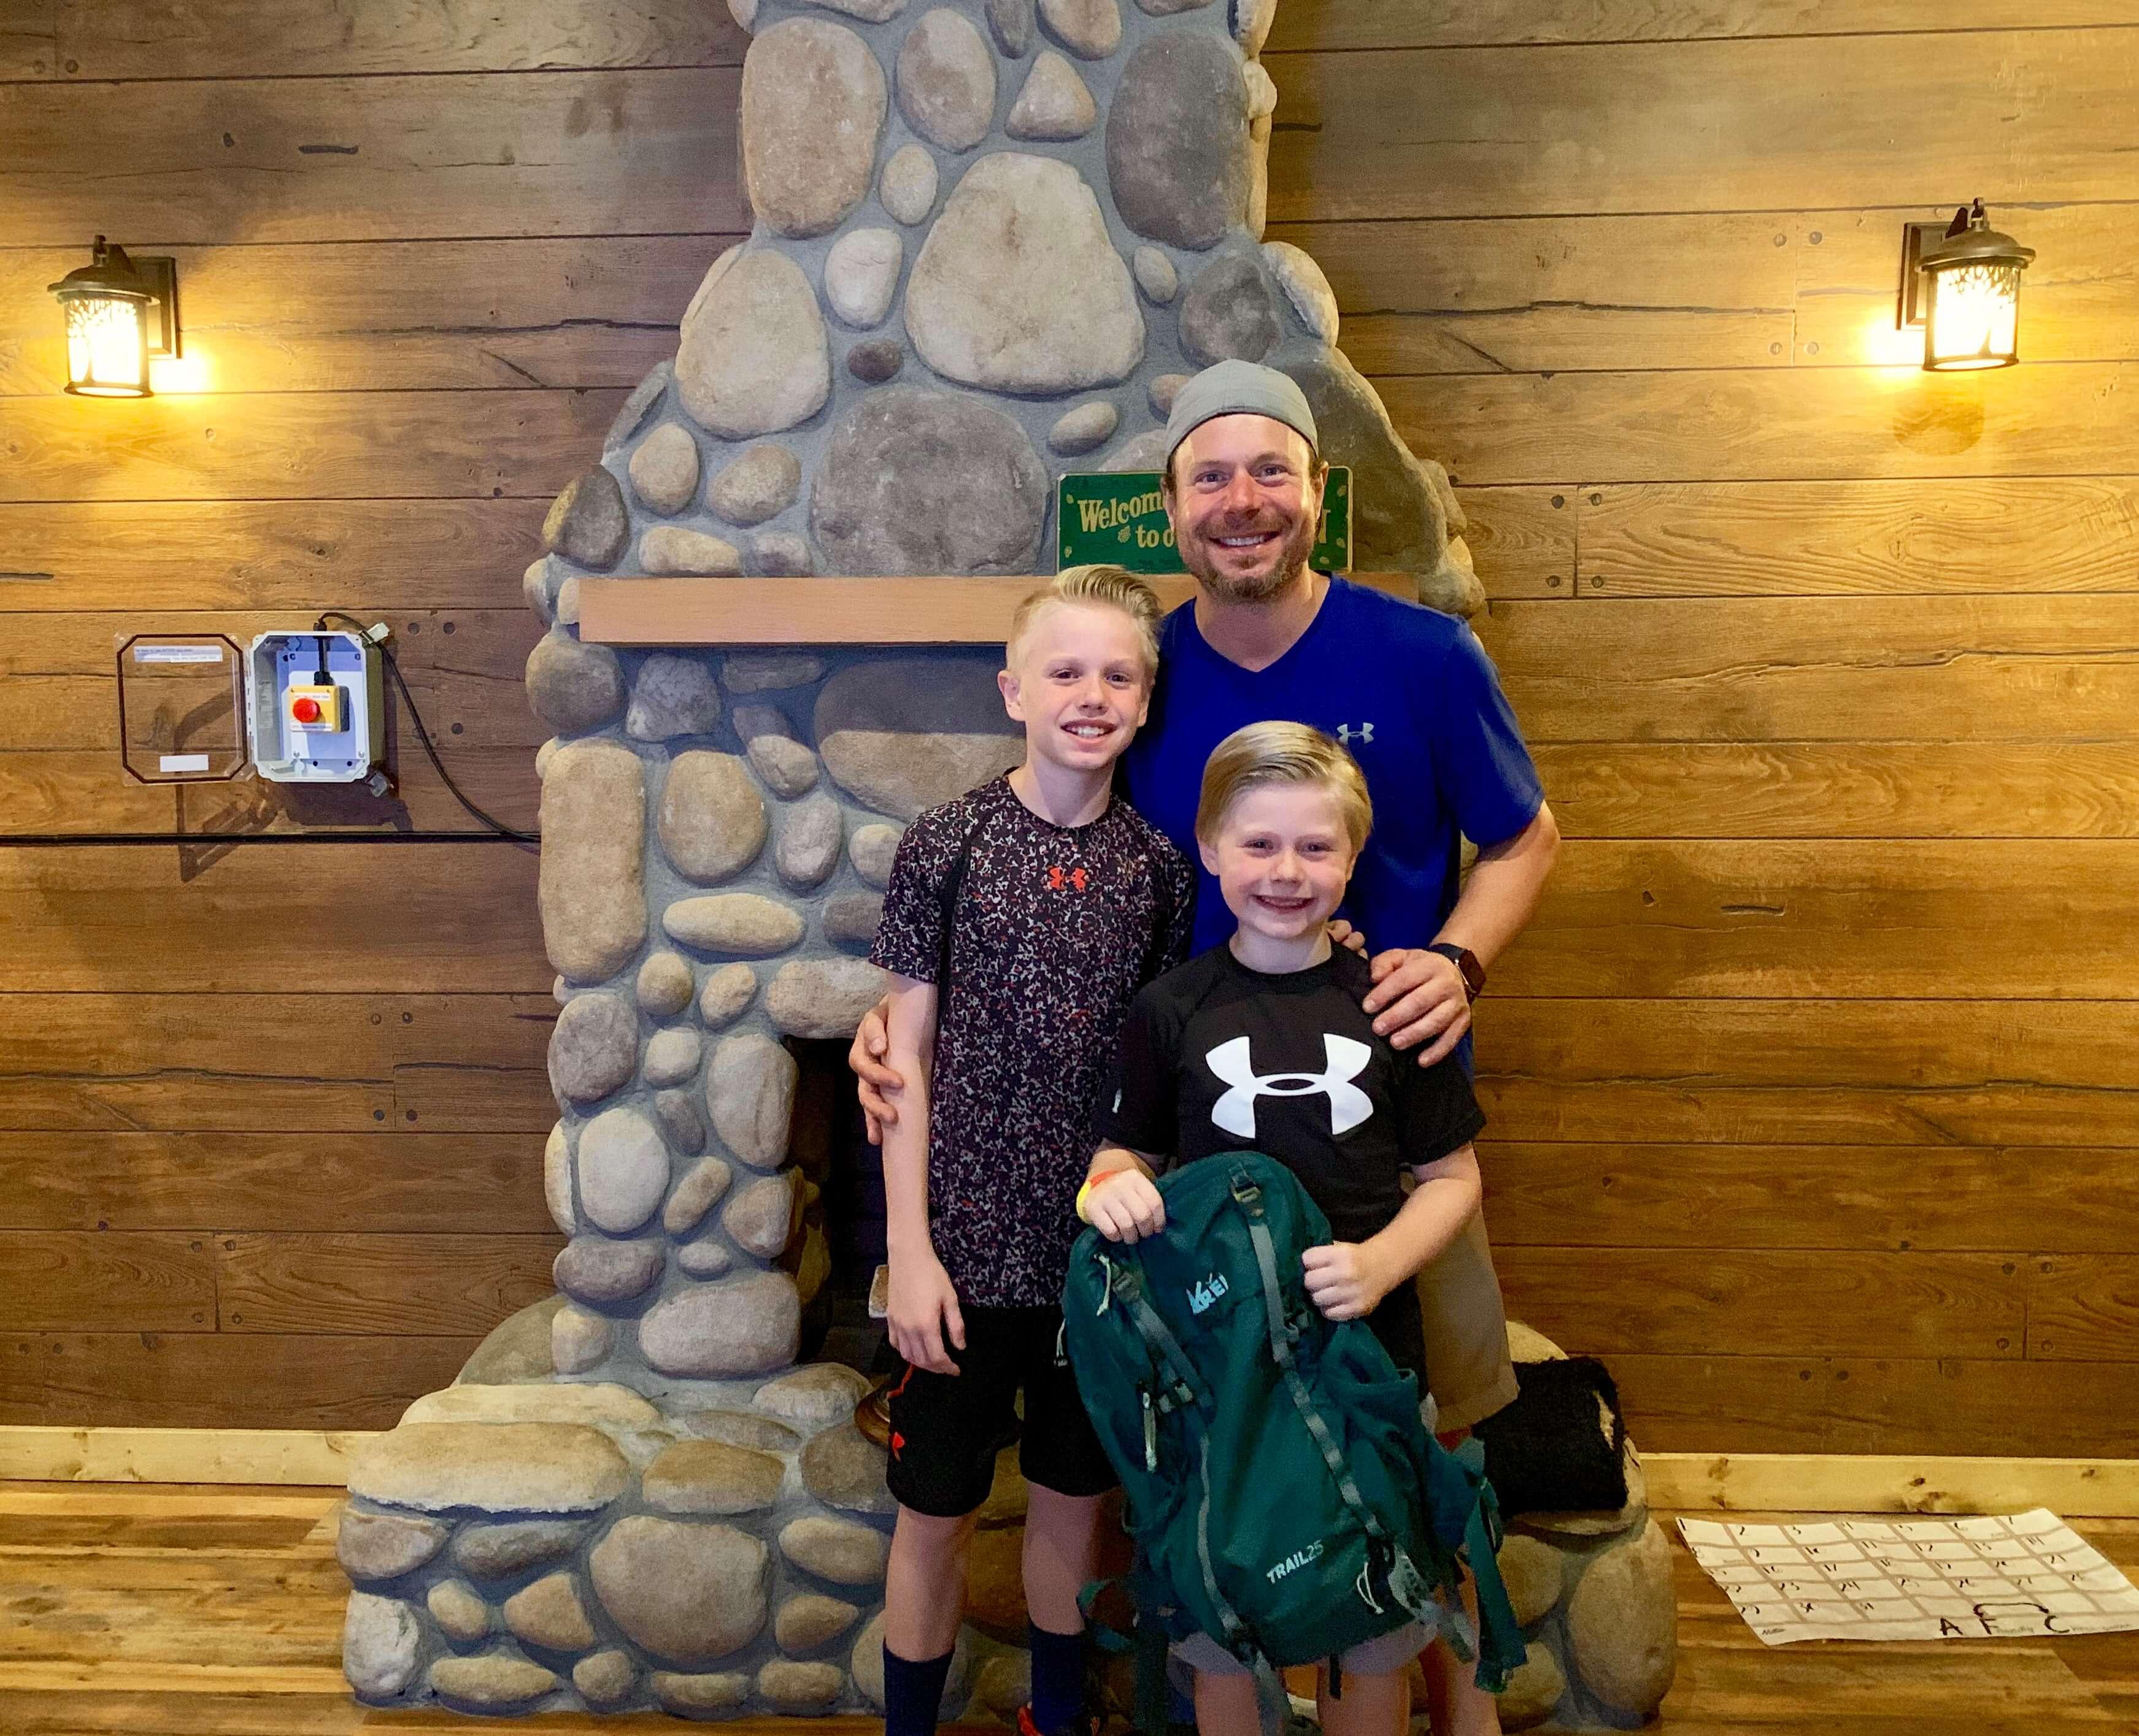 Family fun cabin escape room in Breckenridge Colorado